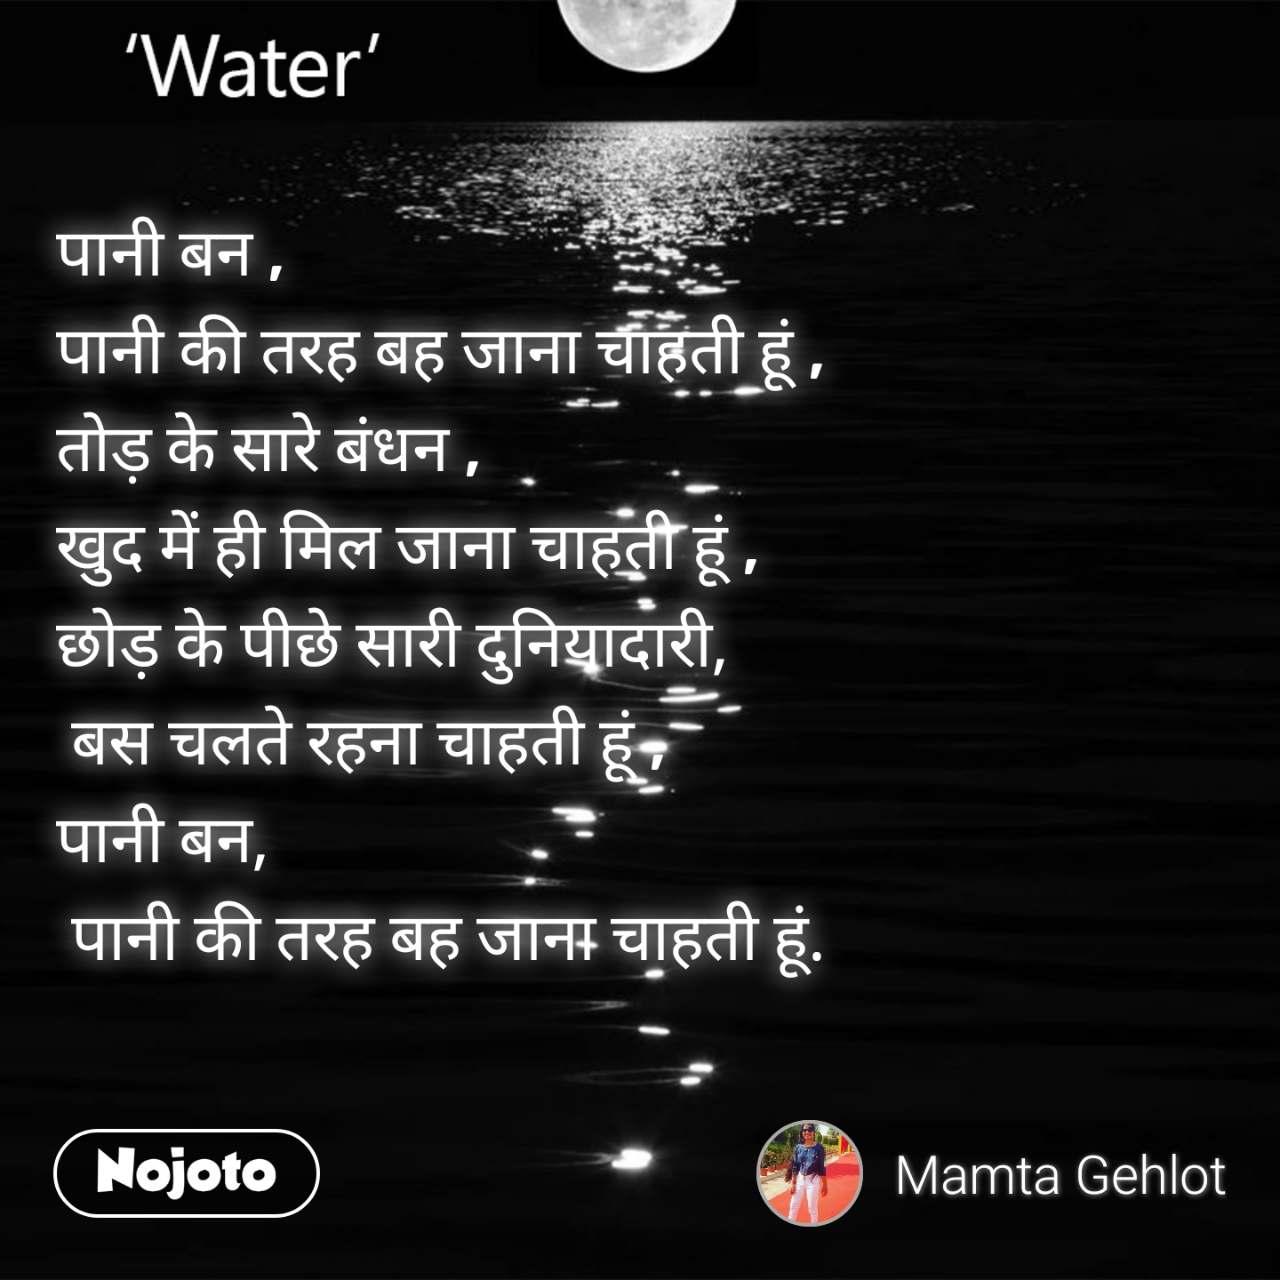 पानी बन , पानी की तरह बह जाना चाहती हूं , तोड़ के सारे बंधन , खुद में ही मिल जाना चाहती हूं , छोड़ के पीछे सारी दुनियादारी,  बस चलते रहना चाहती हूं , पानी बन,  पानी की तरह बह जाना चाहती हूं.